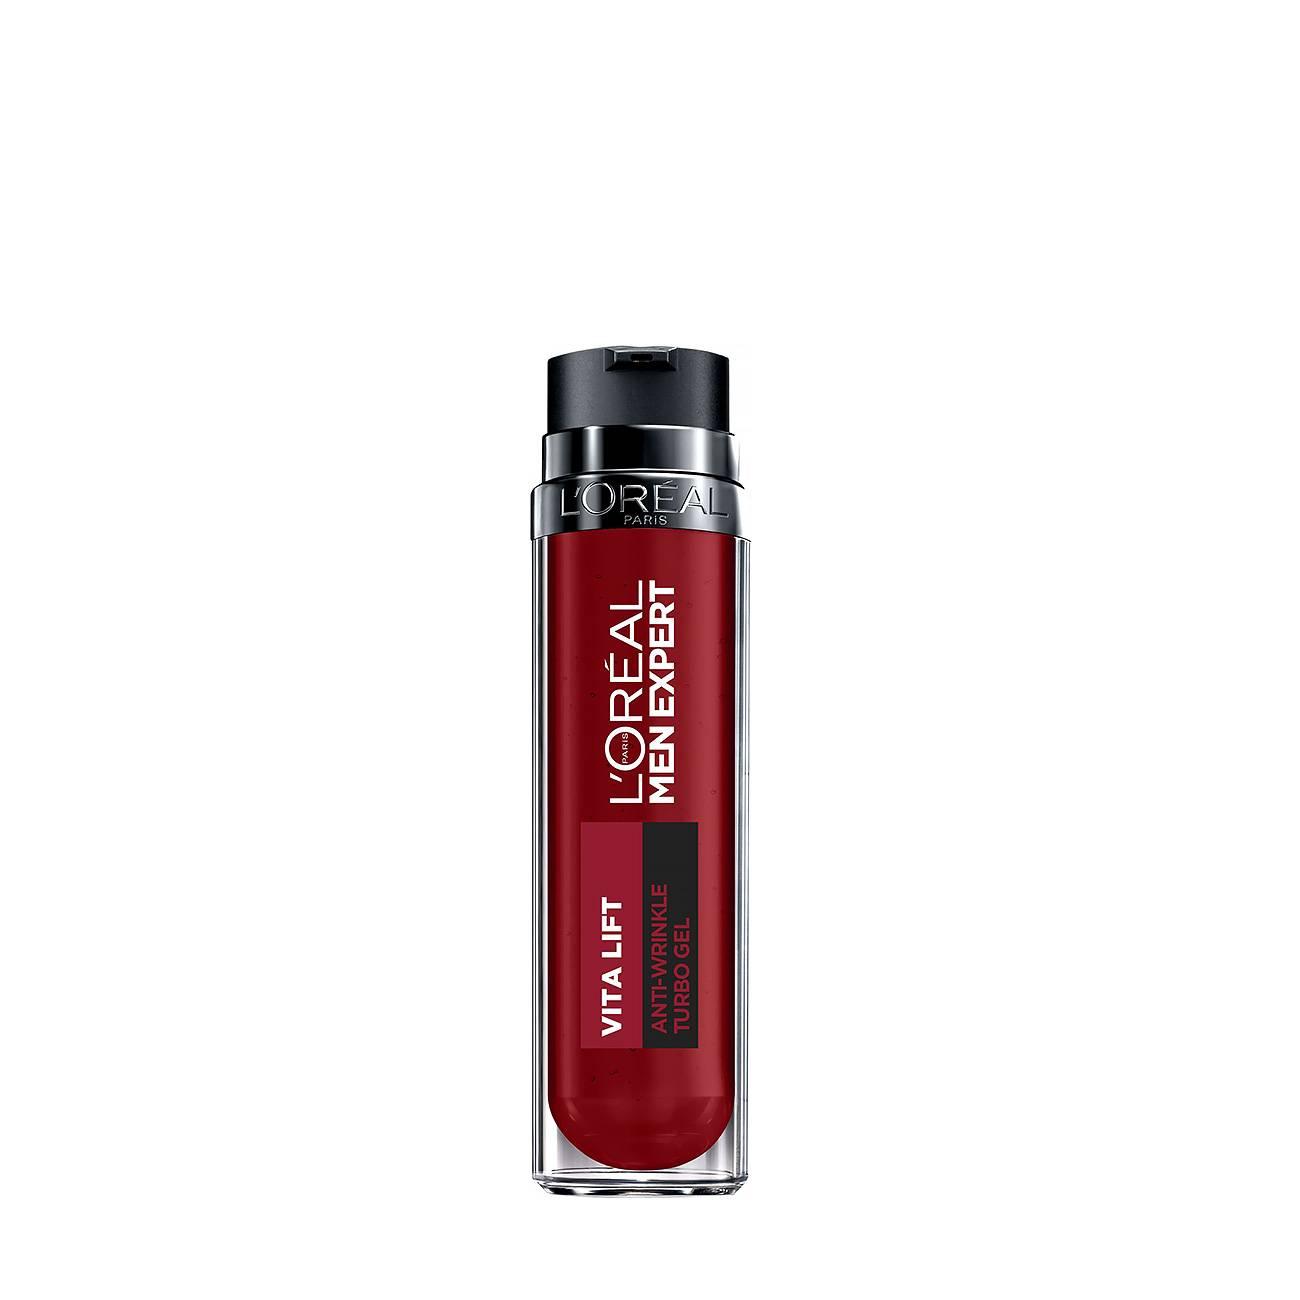 Men Expert Vitalift Fast Action Anti-Wrinkle Gel 50ml L'Oreal imagine 2021 bestvalue.eu